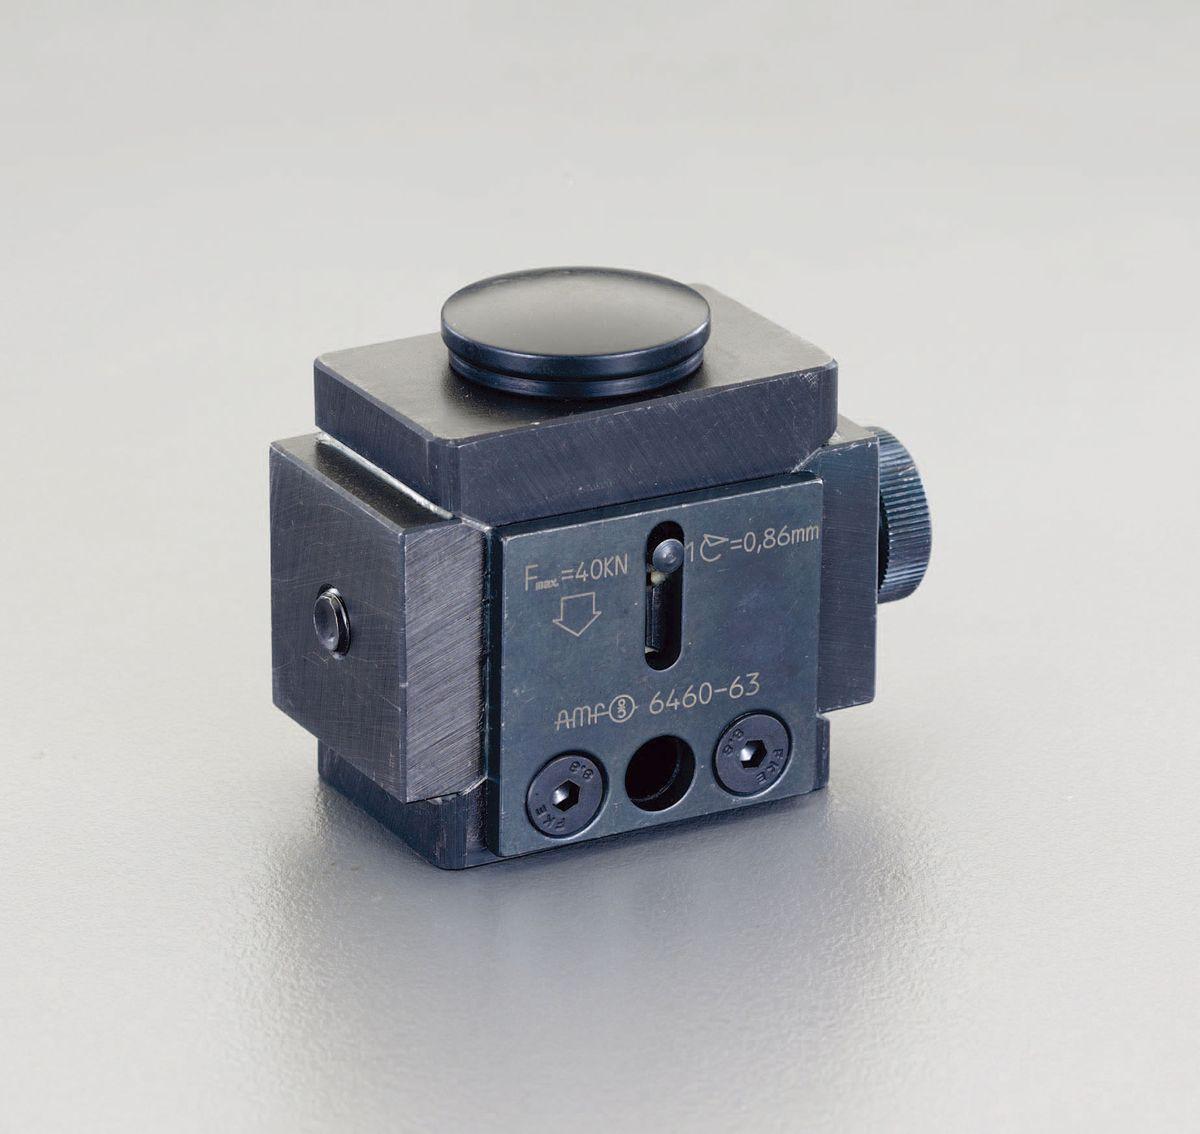 エスコ ESCO 100-125mm/100kN ウェッジブロック 000012210012 JP店